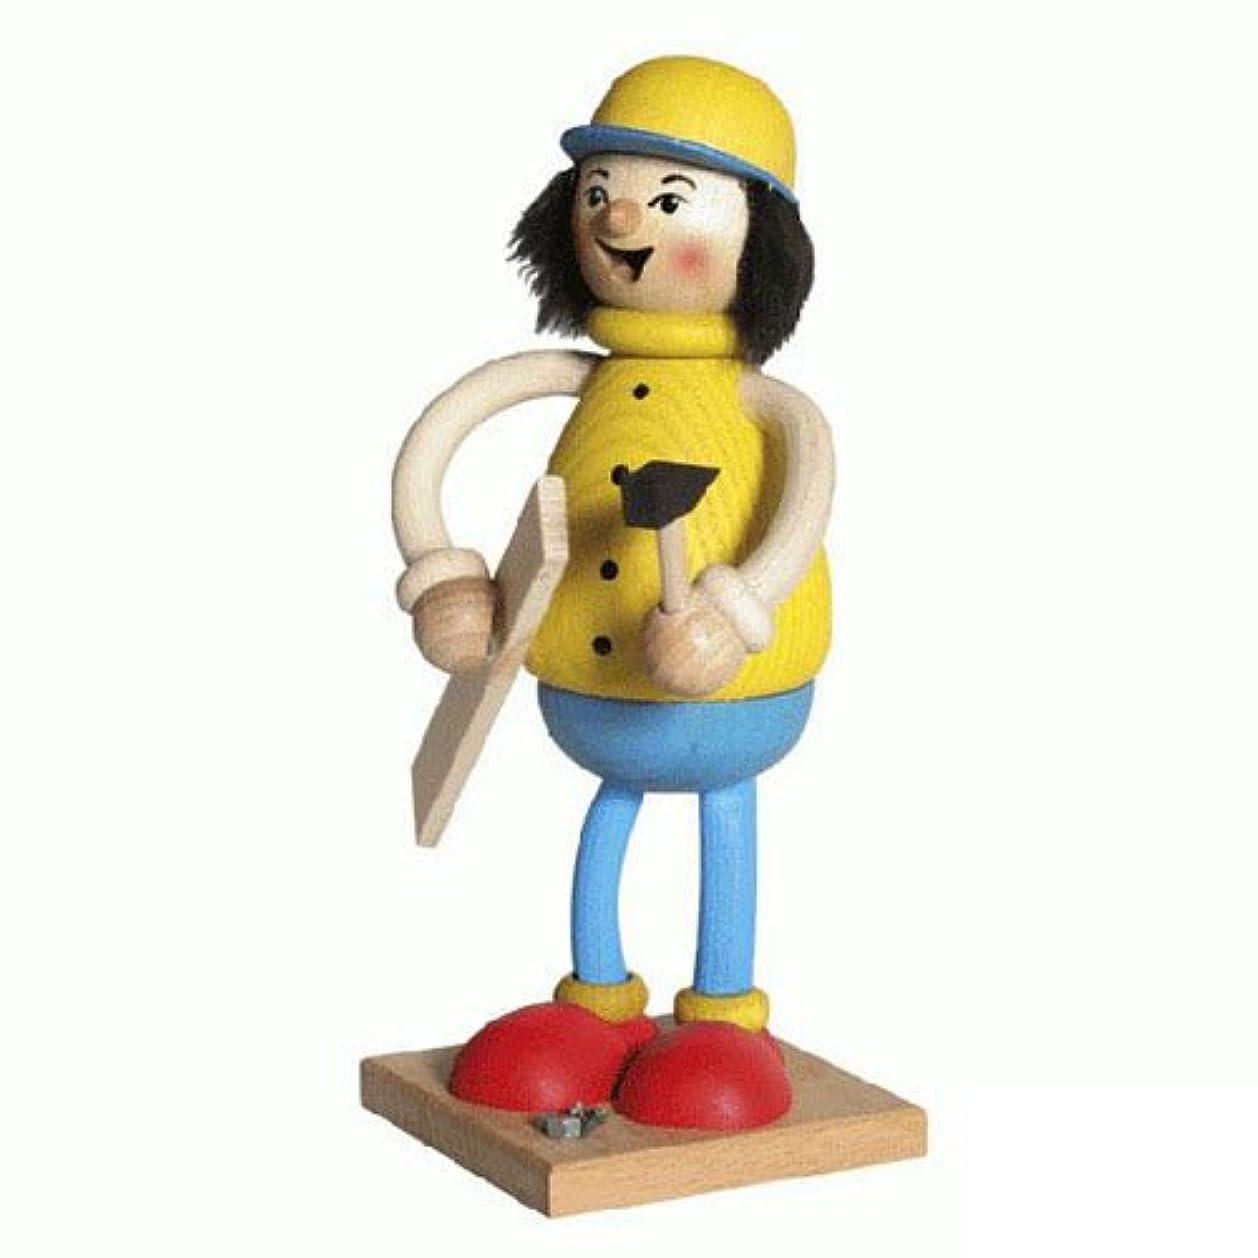 一人で観客もちろん39096 Kuhnert(クーネルト) ミニパイプ人形香炉 DIY